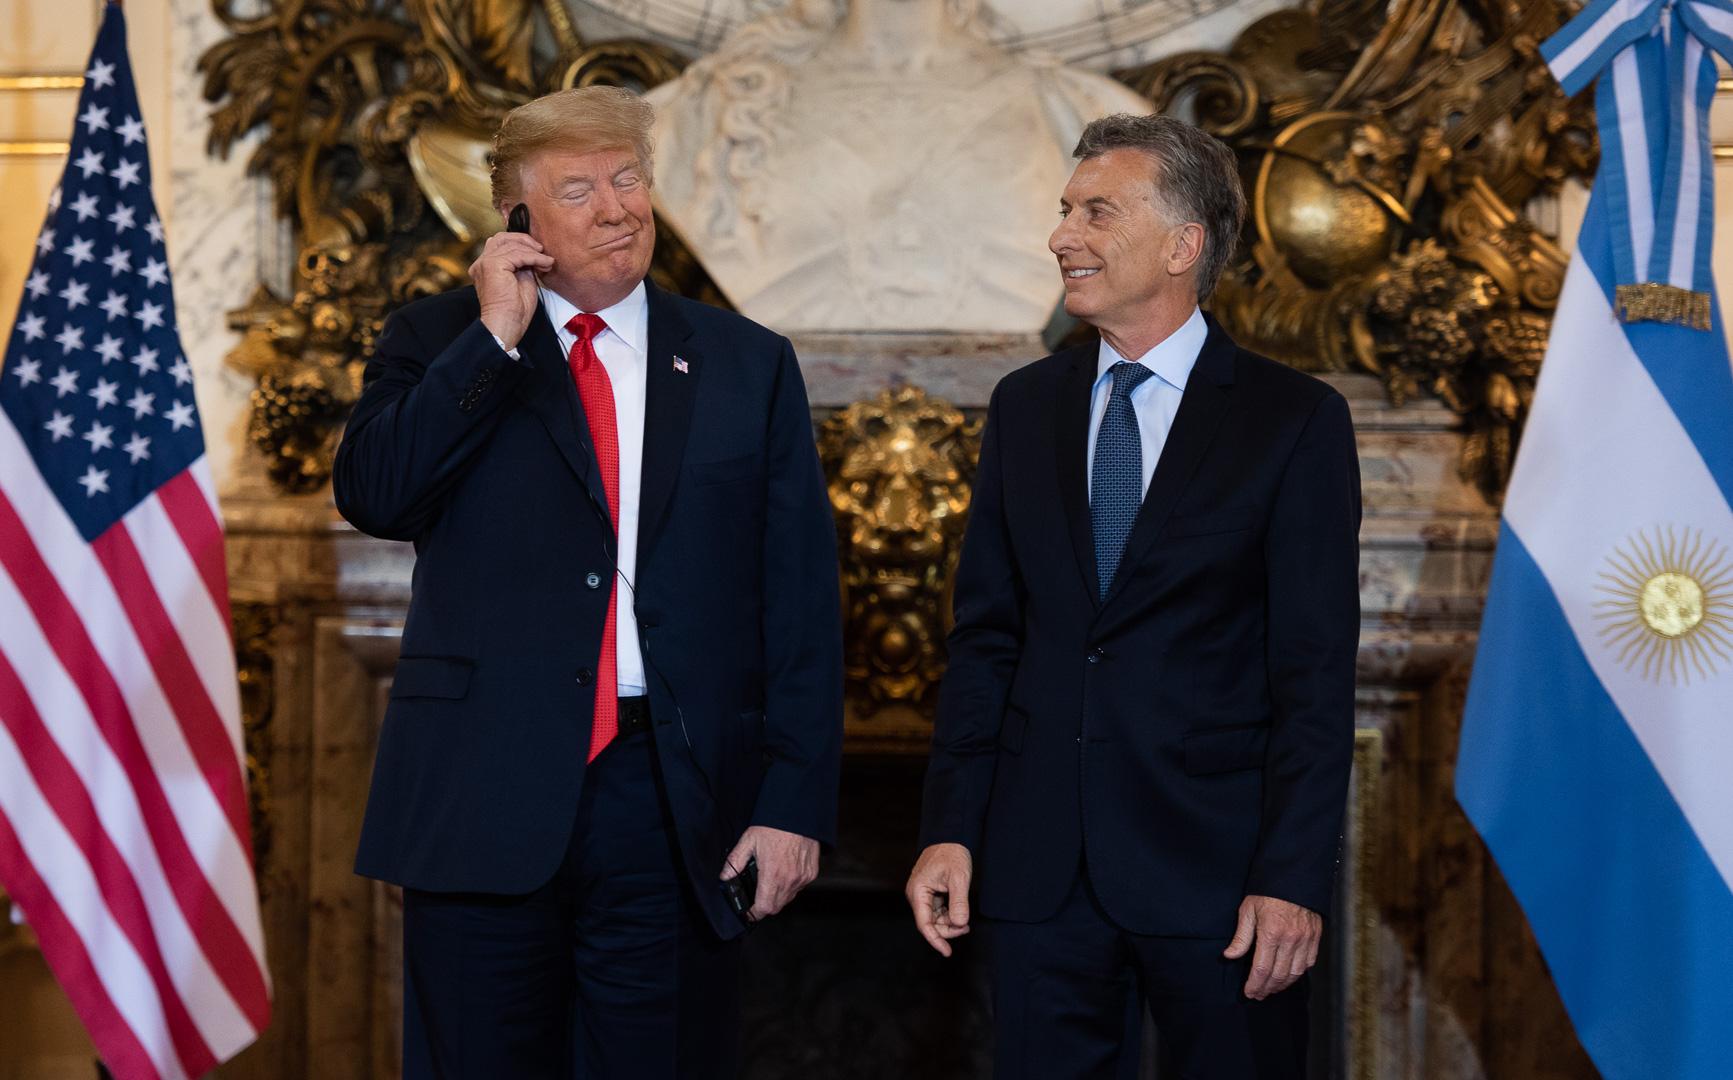 El presidente de Estados Unidos, Donald Trump, gesticula molesto por problemas en la traducción durante la reunión bilateral con el mandatario argentino, Mauricio Macri, durante la cumbre de presidentes del G20 (Adrián Escandar)